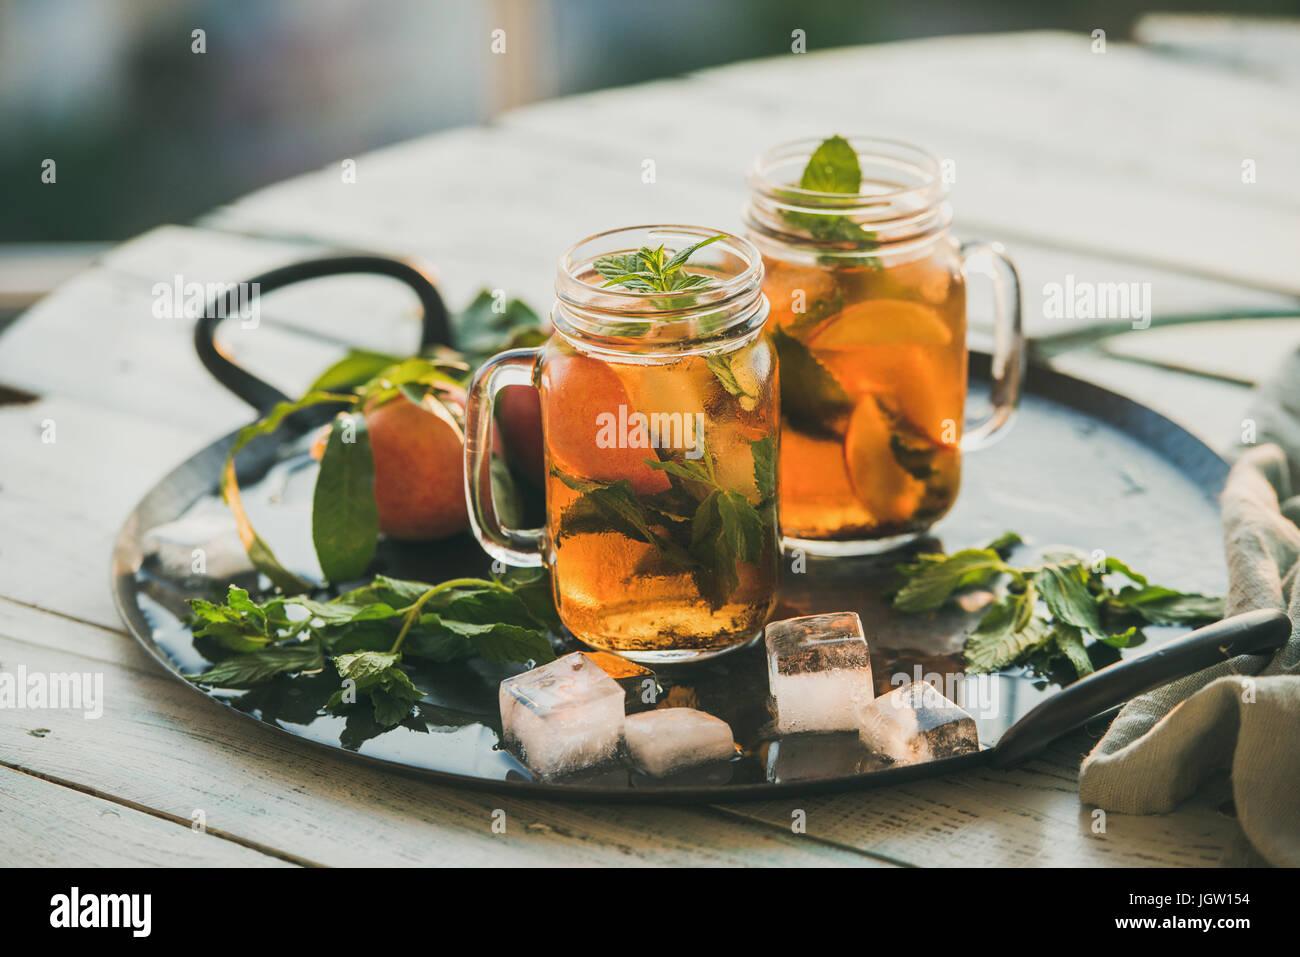 Rafraîchissant de l'été thé glacé pêche froid sur table en bois Photo Stock